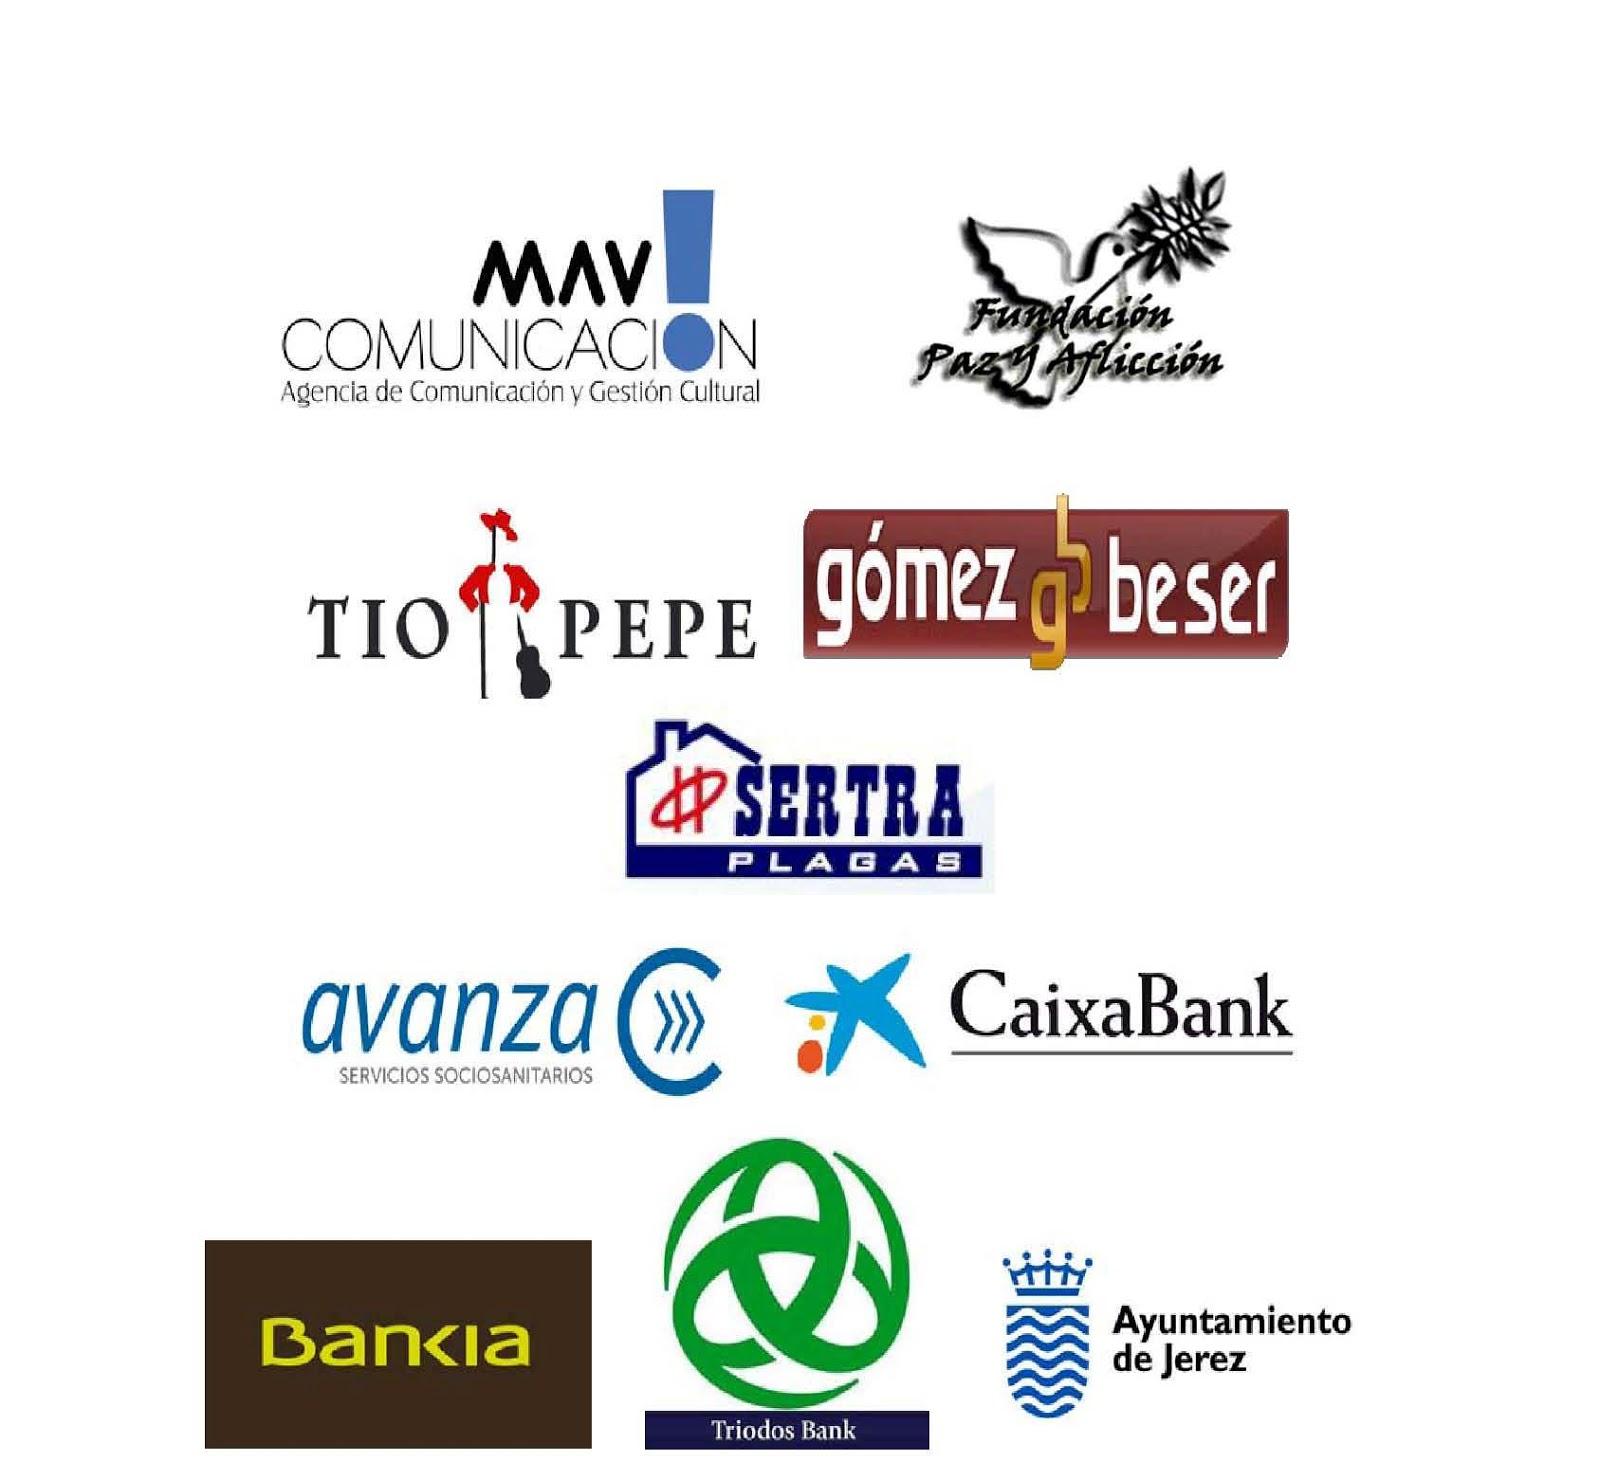 MAV COMUNICACION - Marco A. Velo: MAV COMUNICACION - Mesa redonda ...